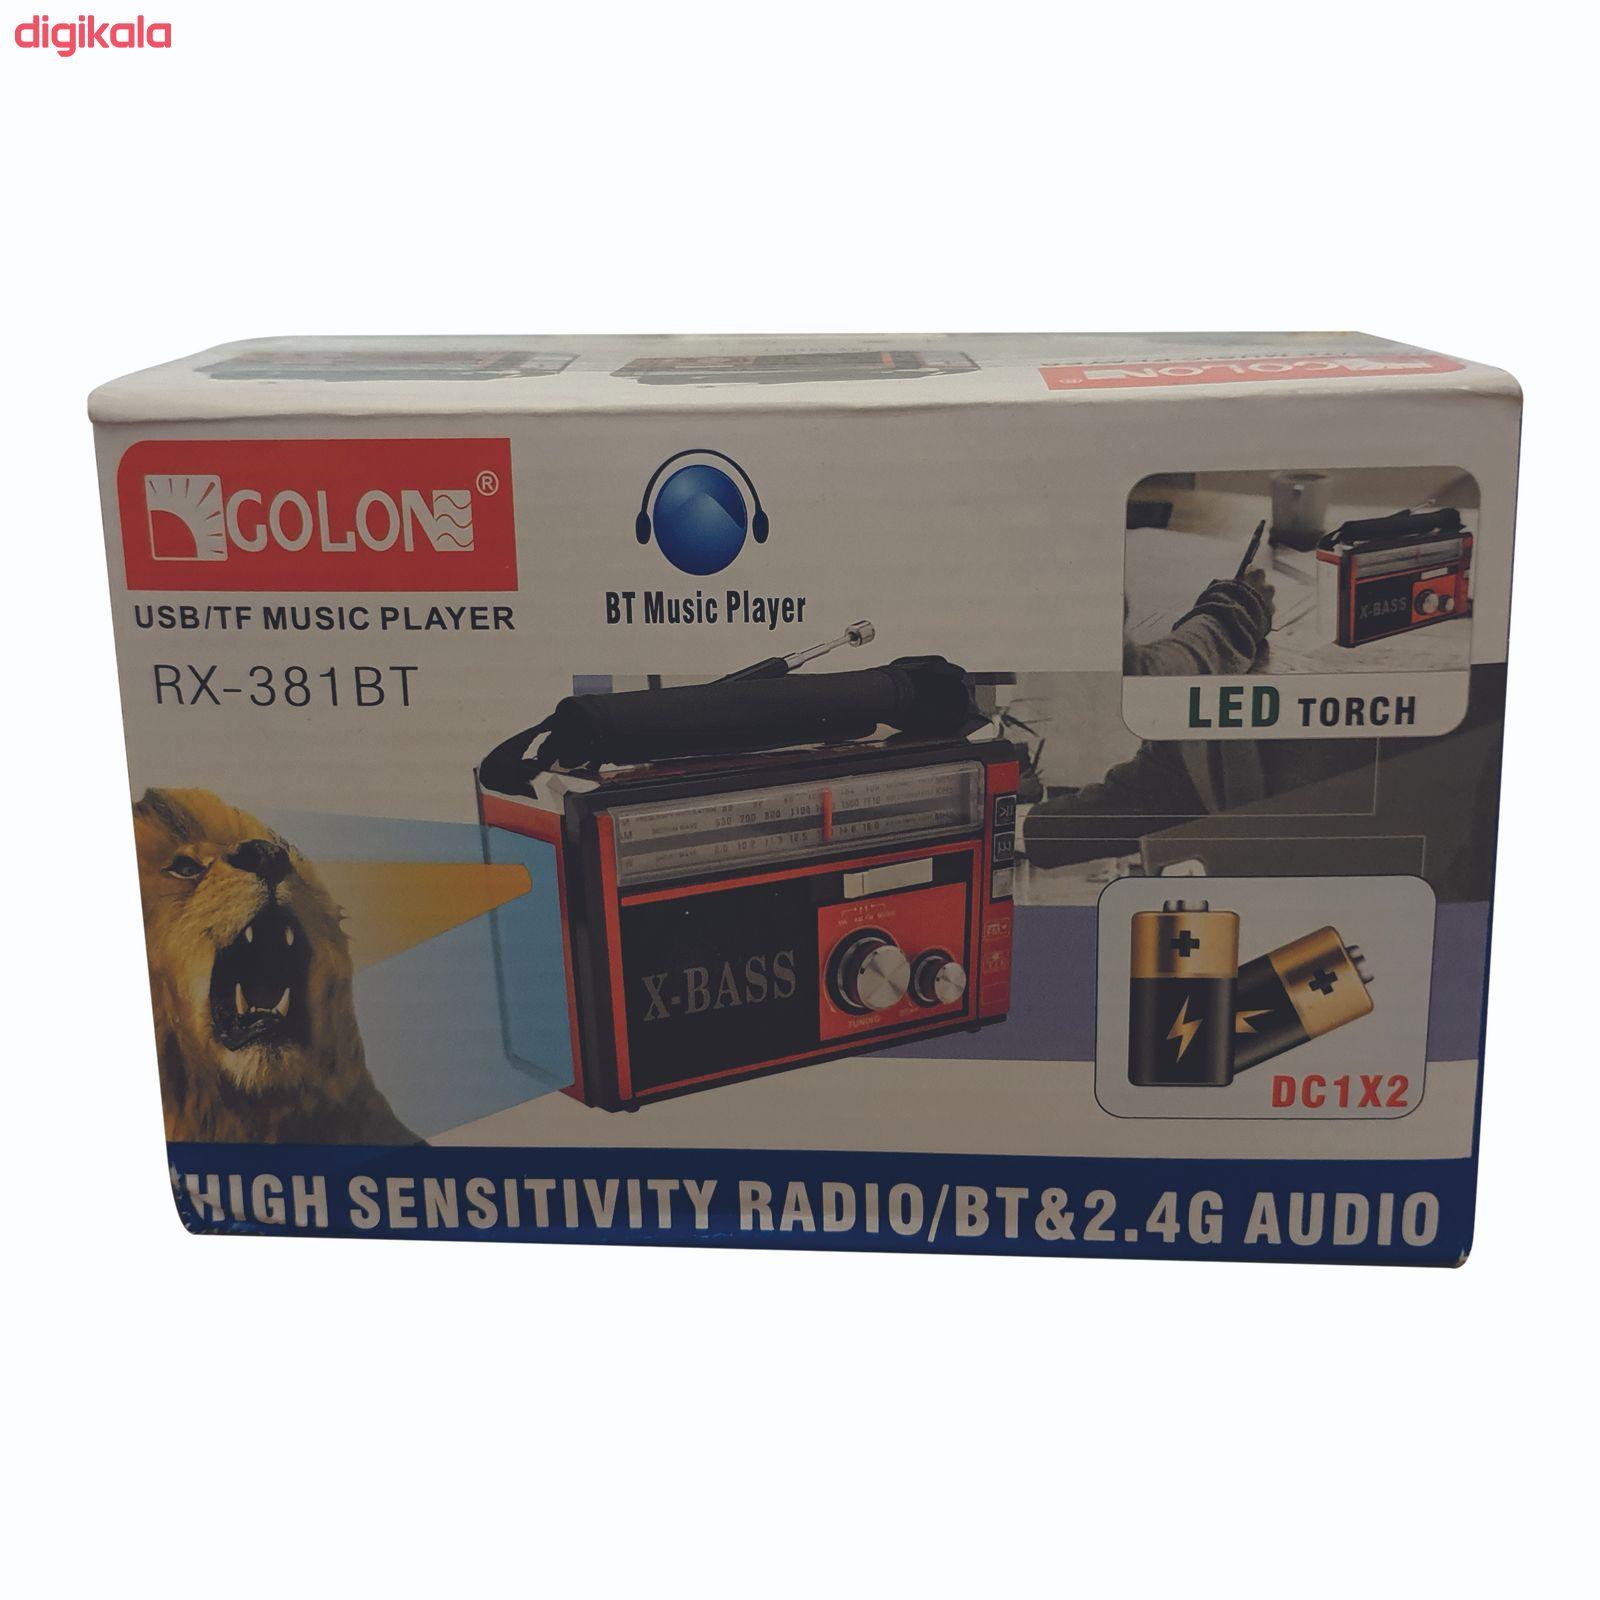 رادیو گولون مدل RX-382BT main 1 11